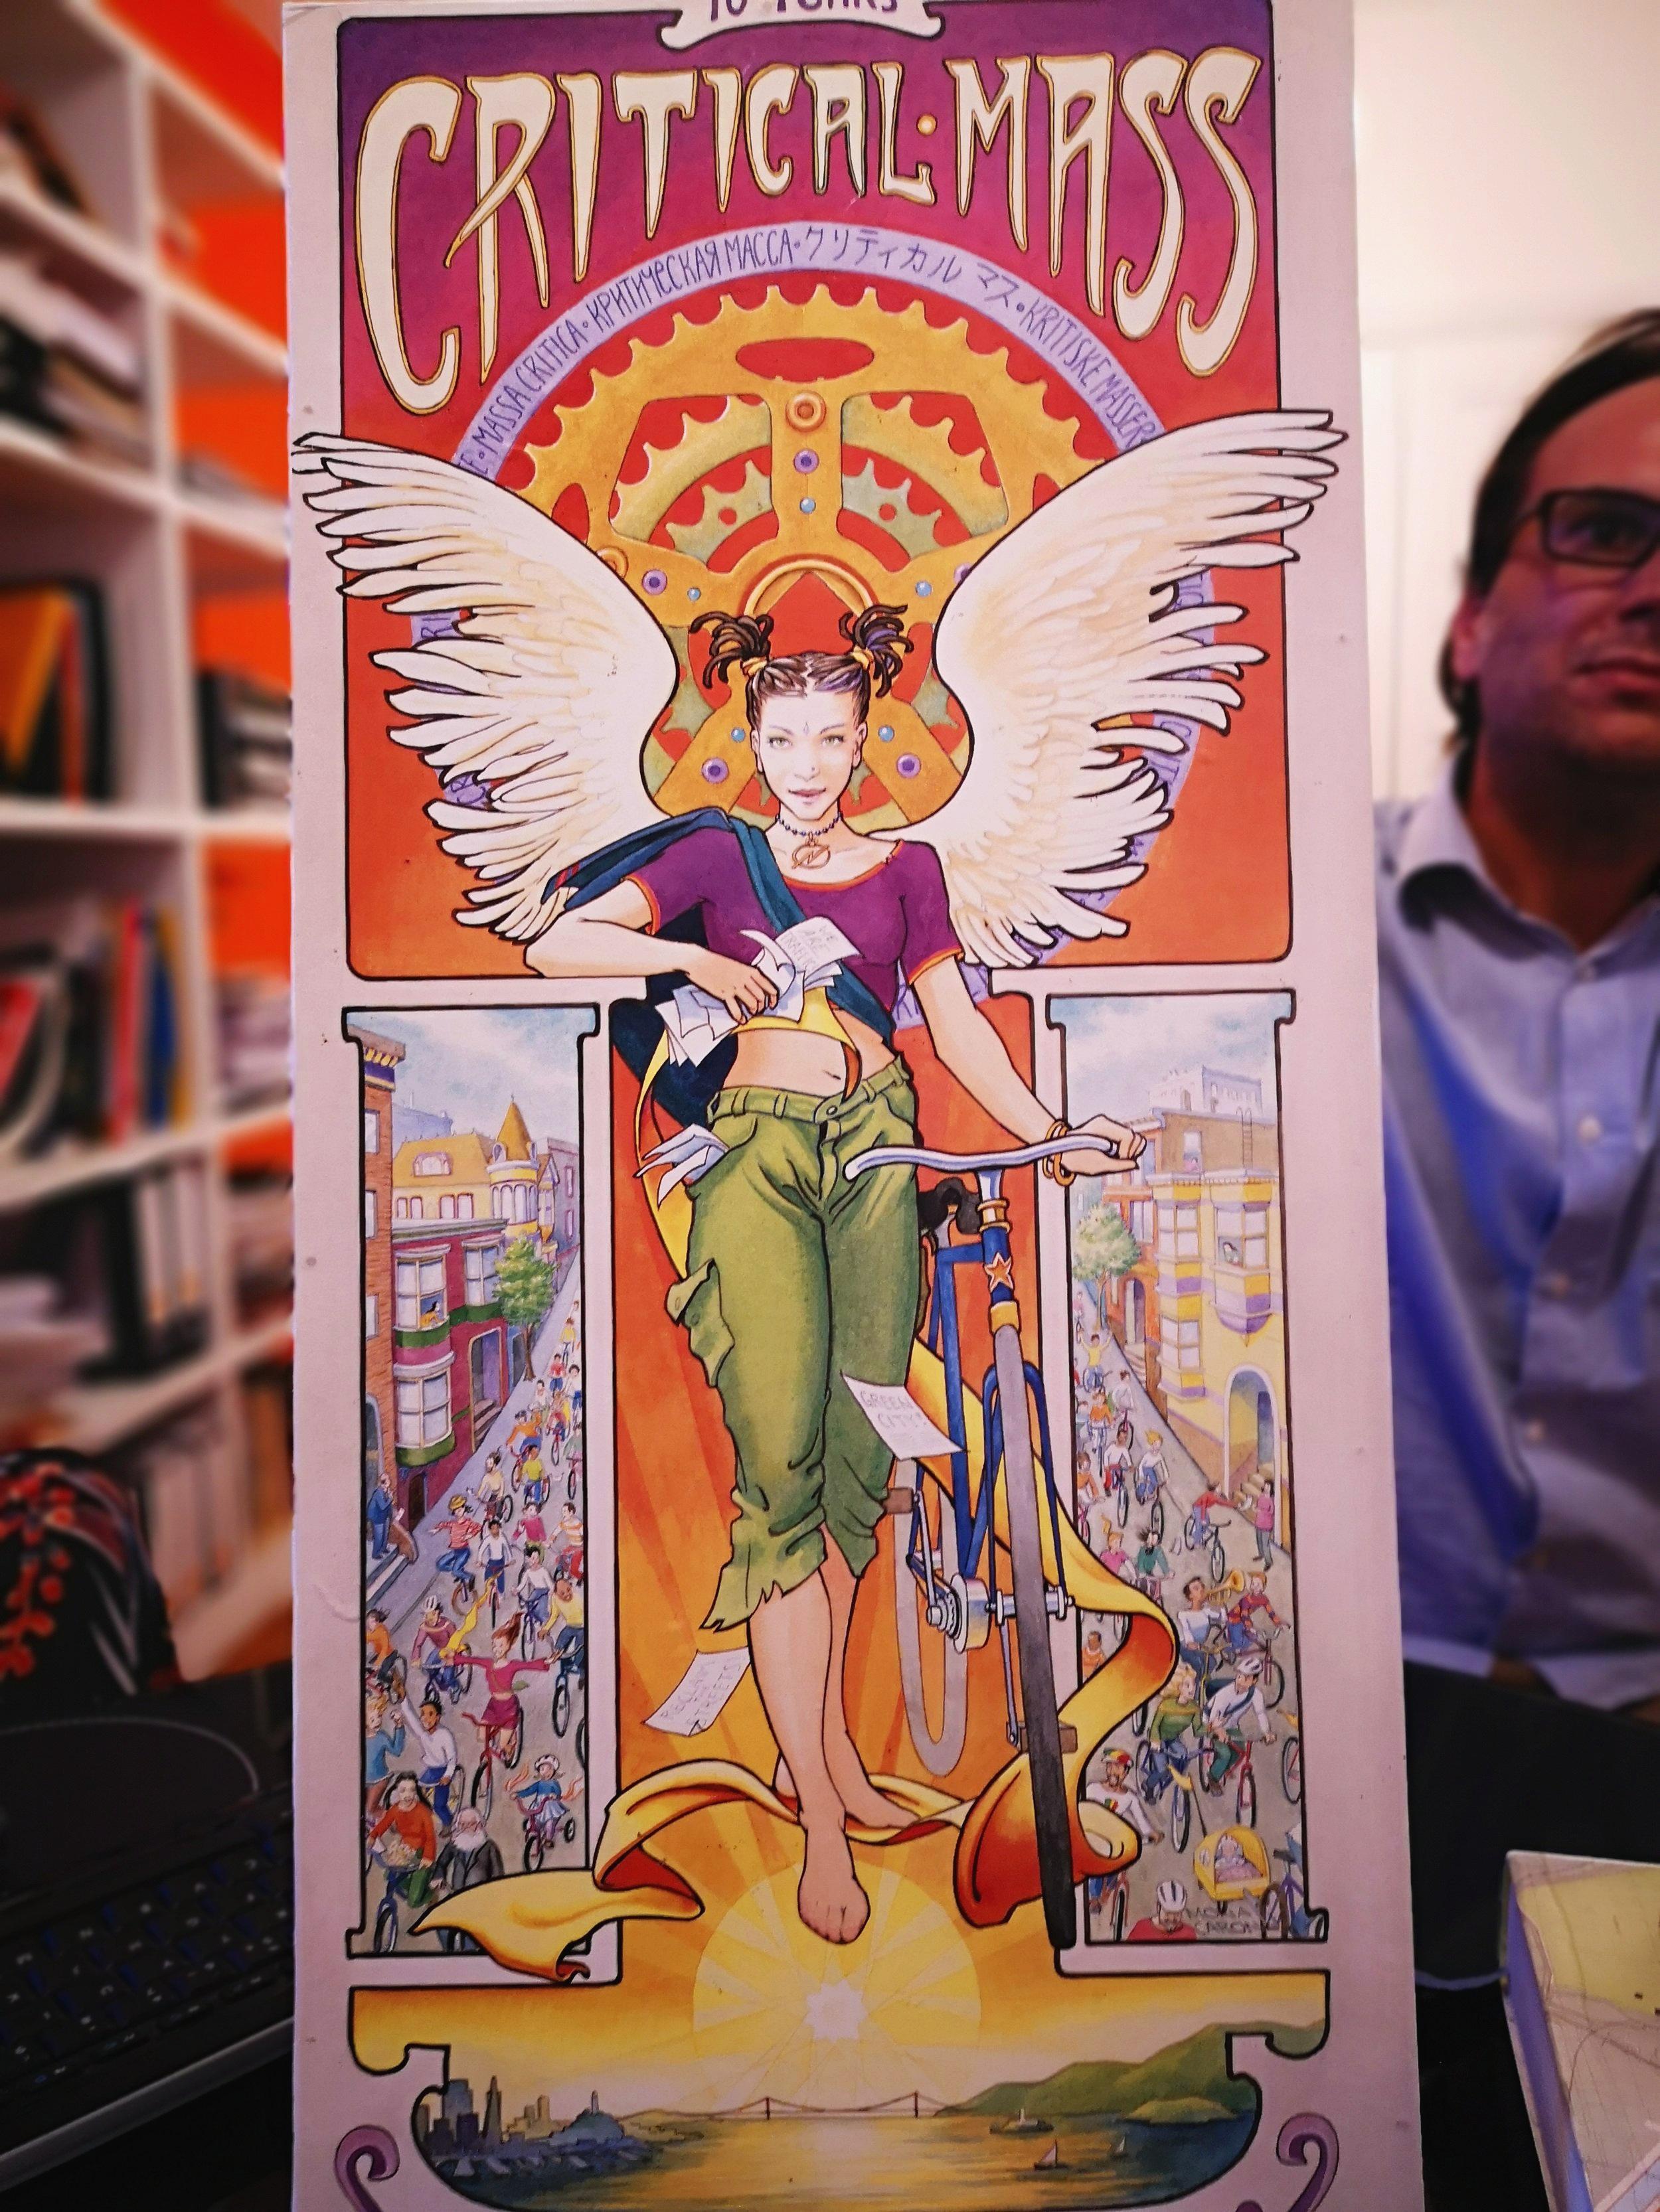 Urban planner and social cycling entrepreneur Ricardo Correa shows a poster of  Critical Mass .